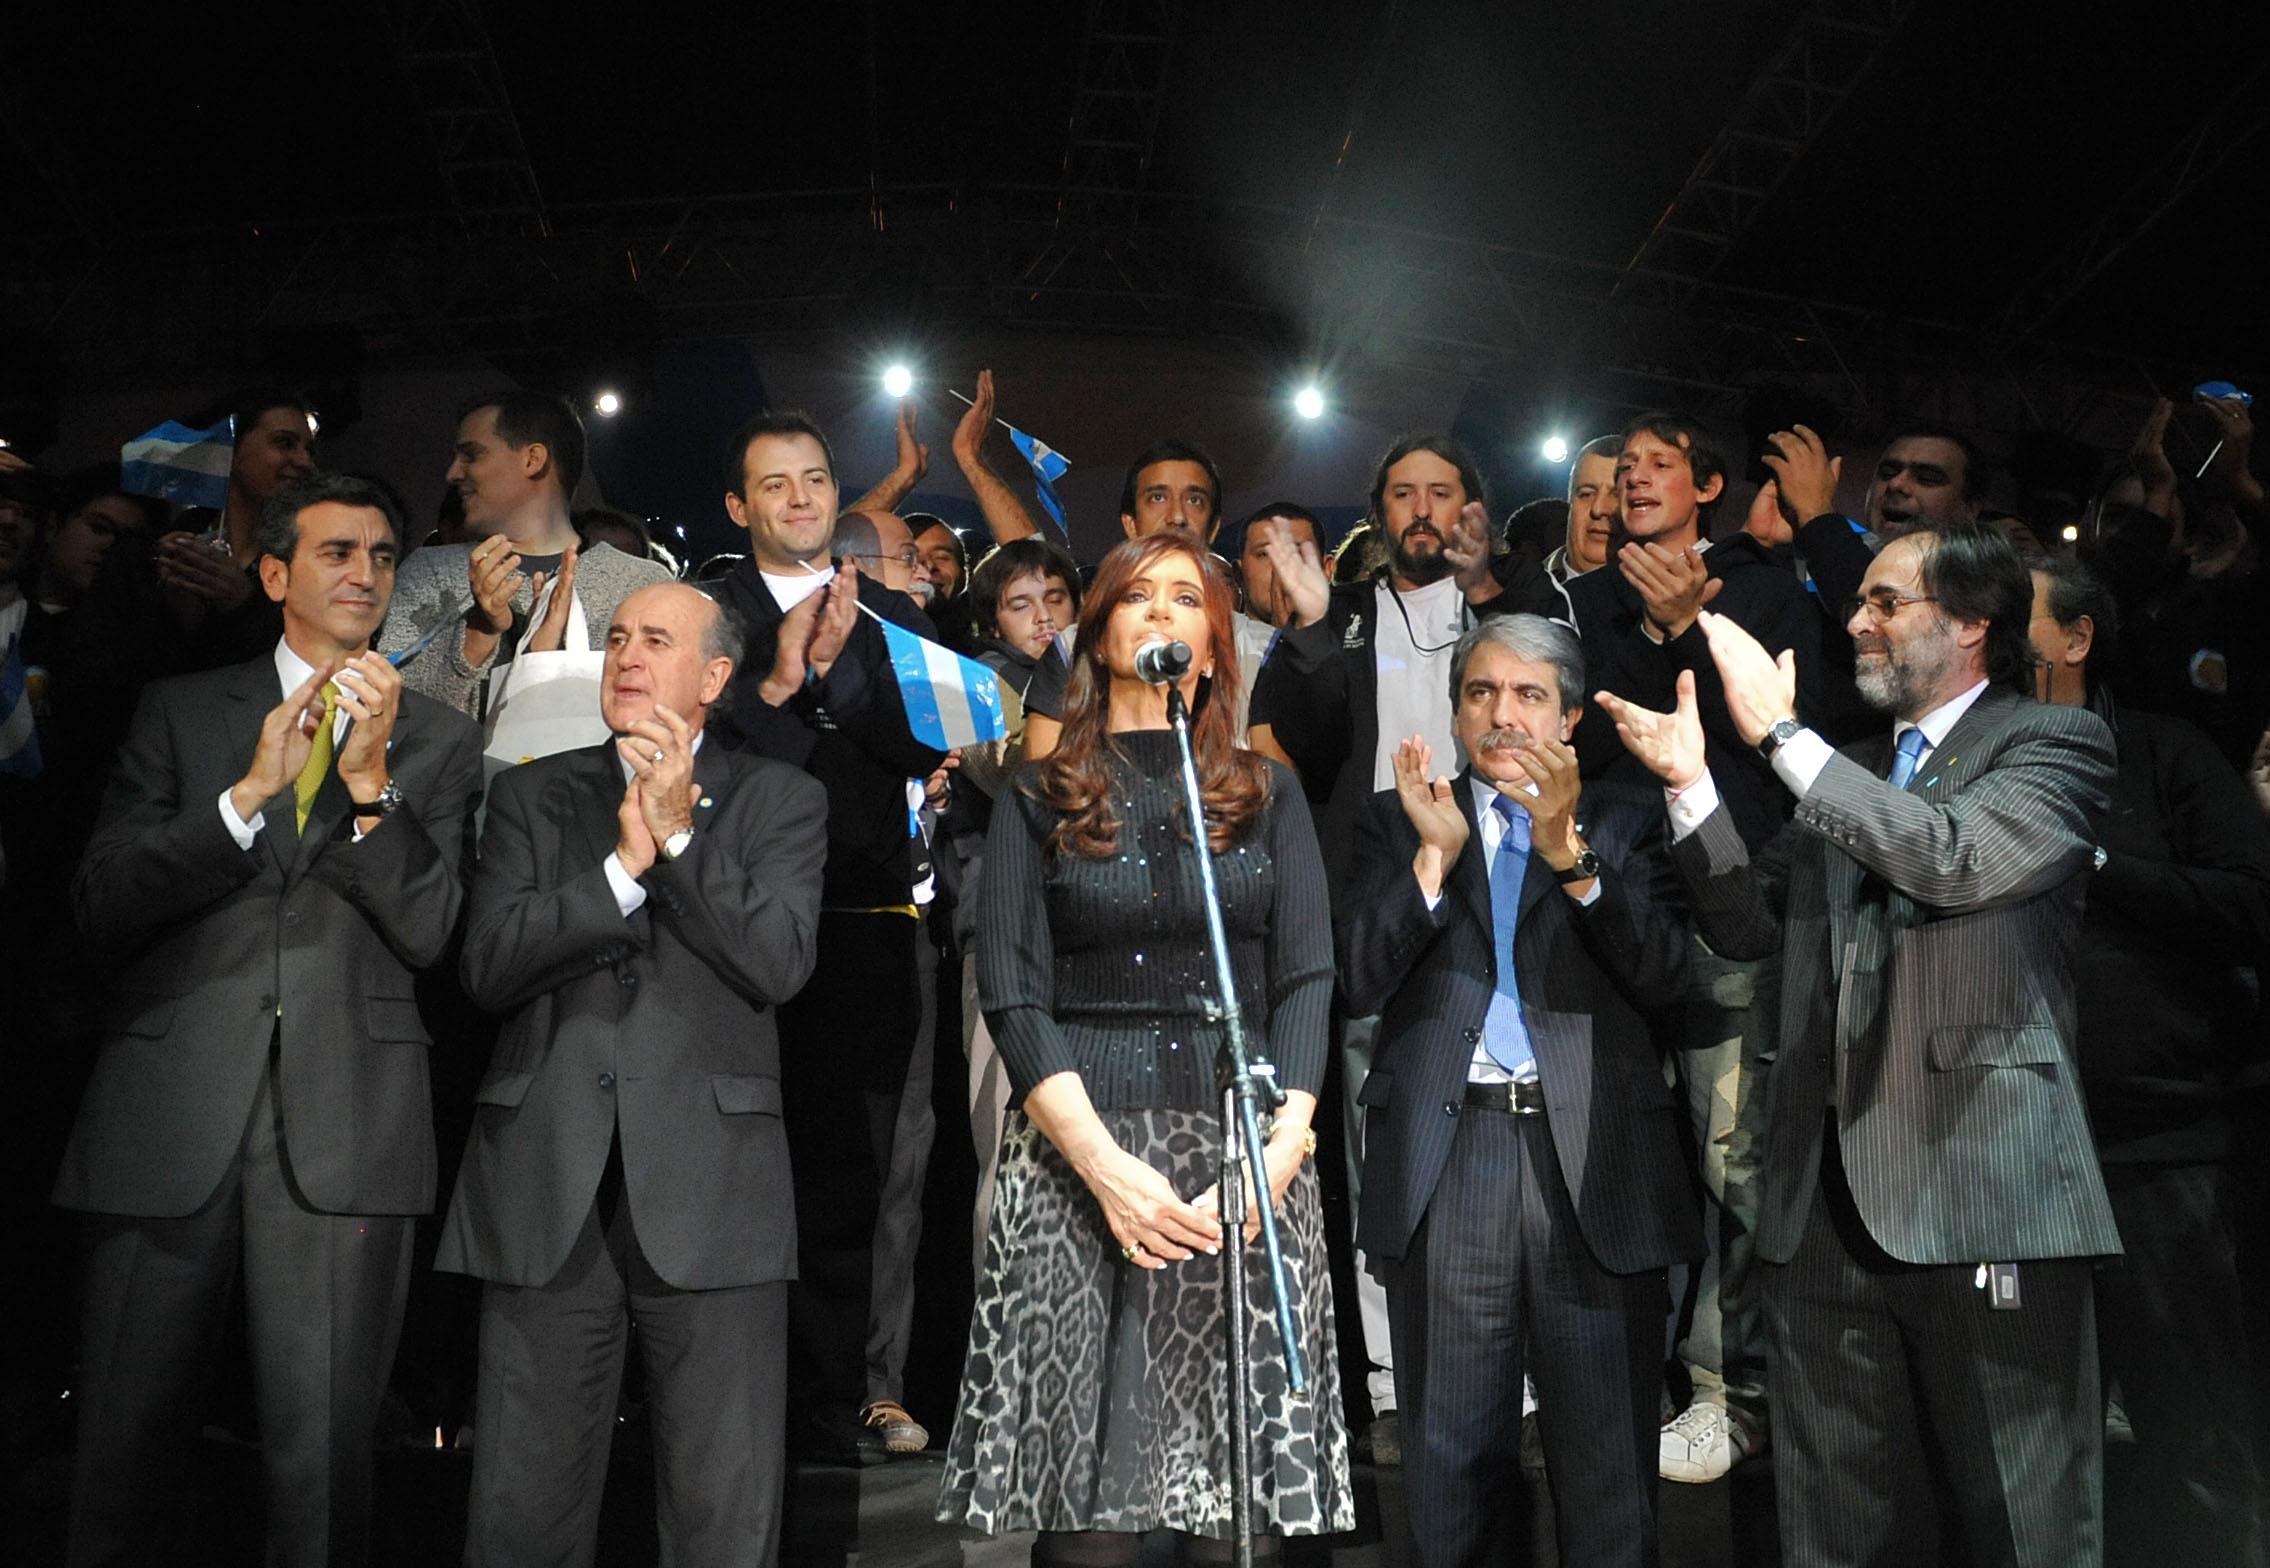 Resultado de imagen para bicentenario argentino 2010